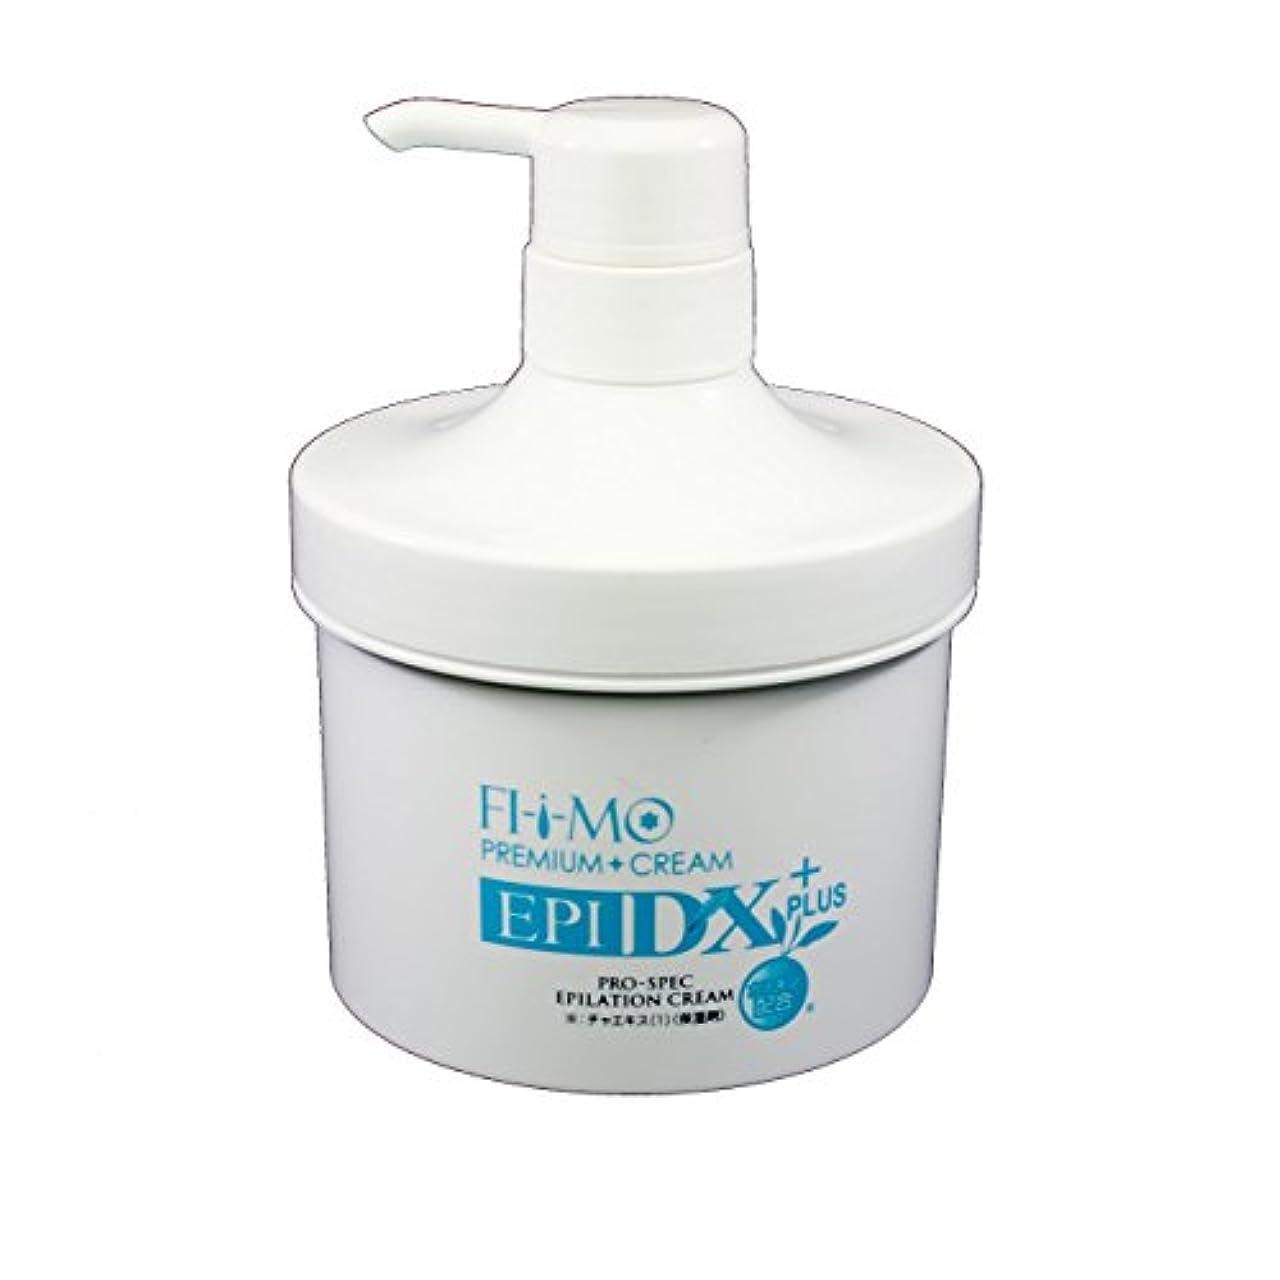 すばらしいです四分円膨らませる男女兼用除毛クリーム FI-i-MO エピDX PLUS 500g